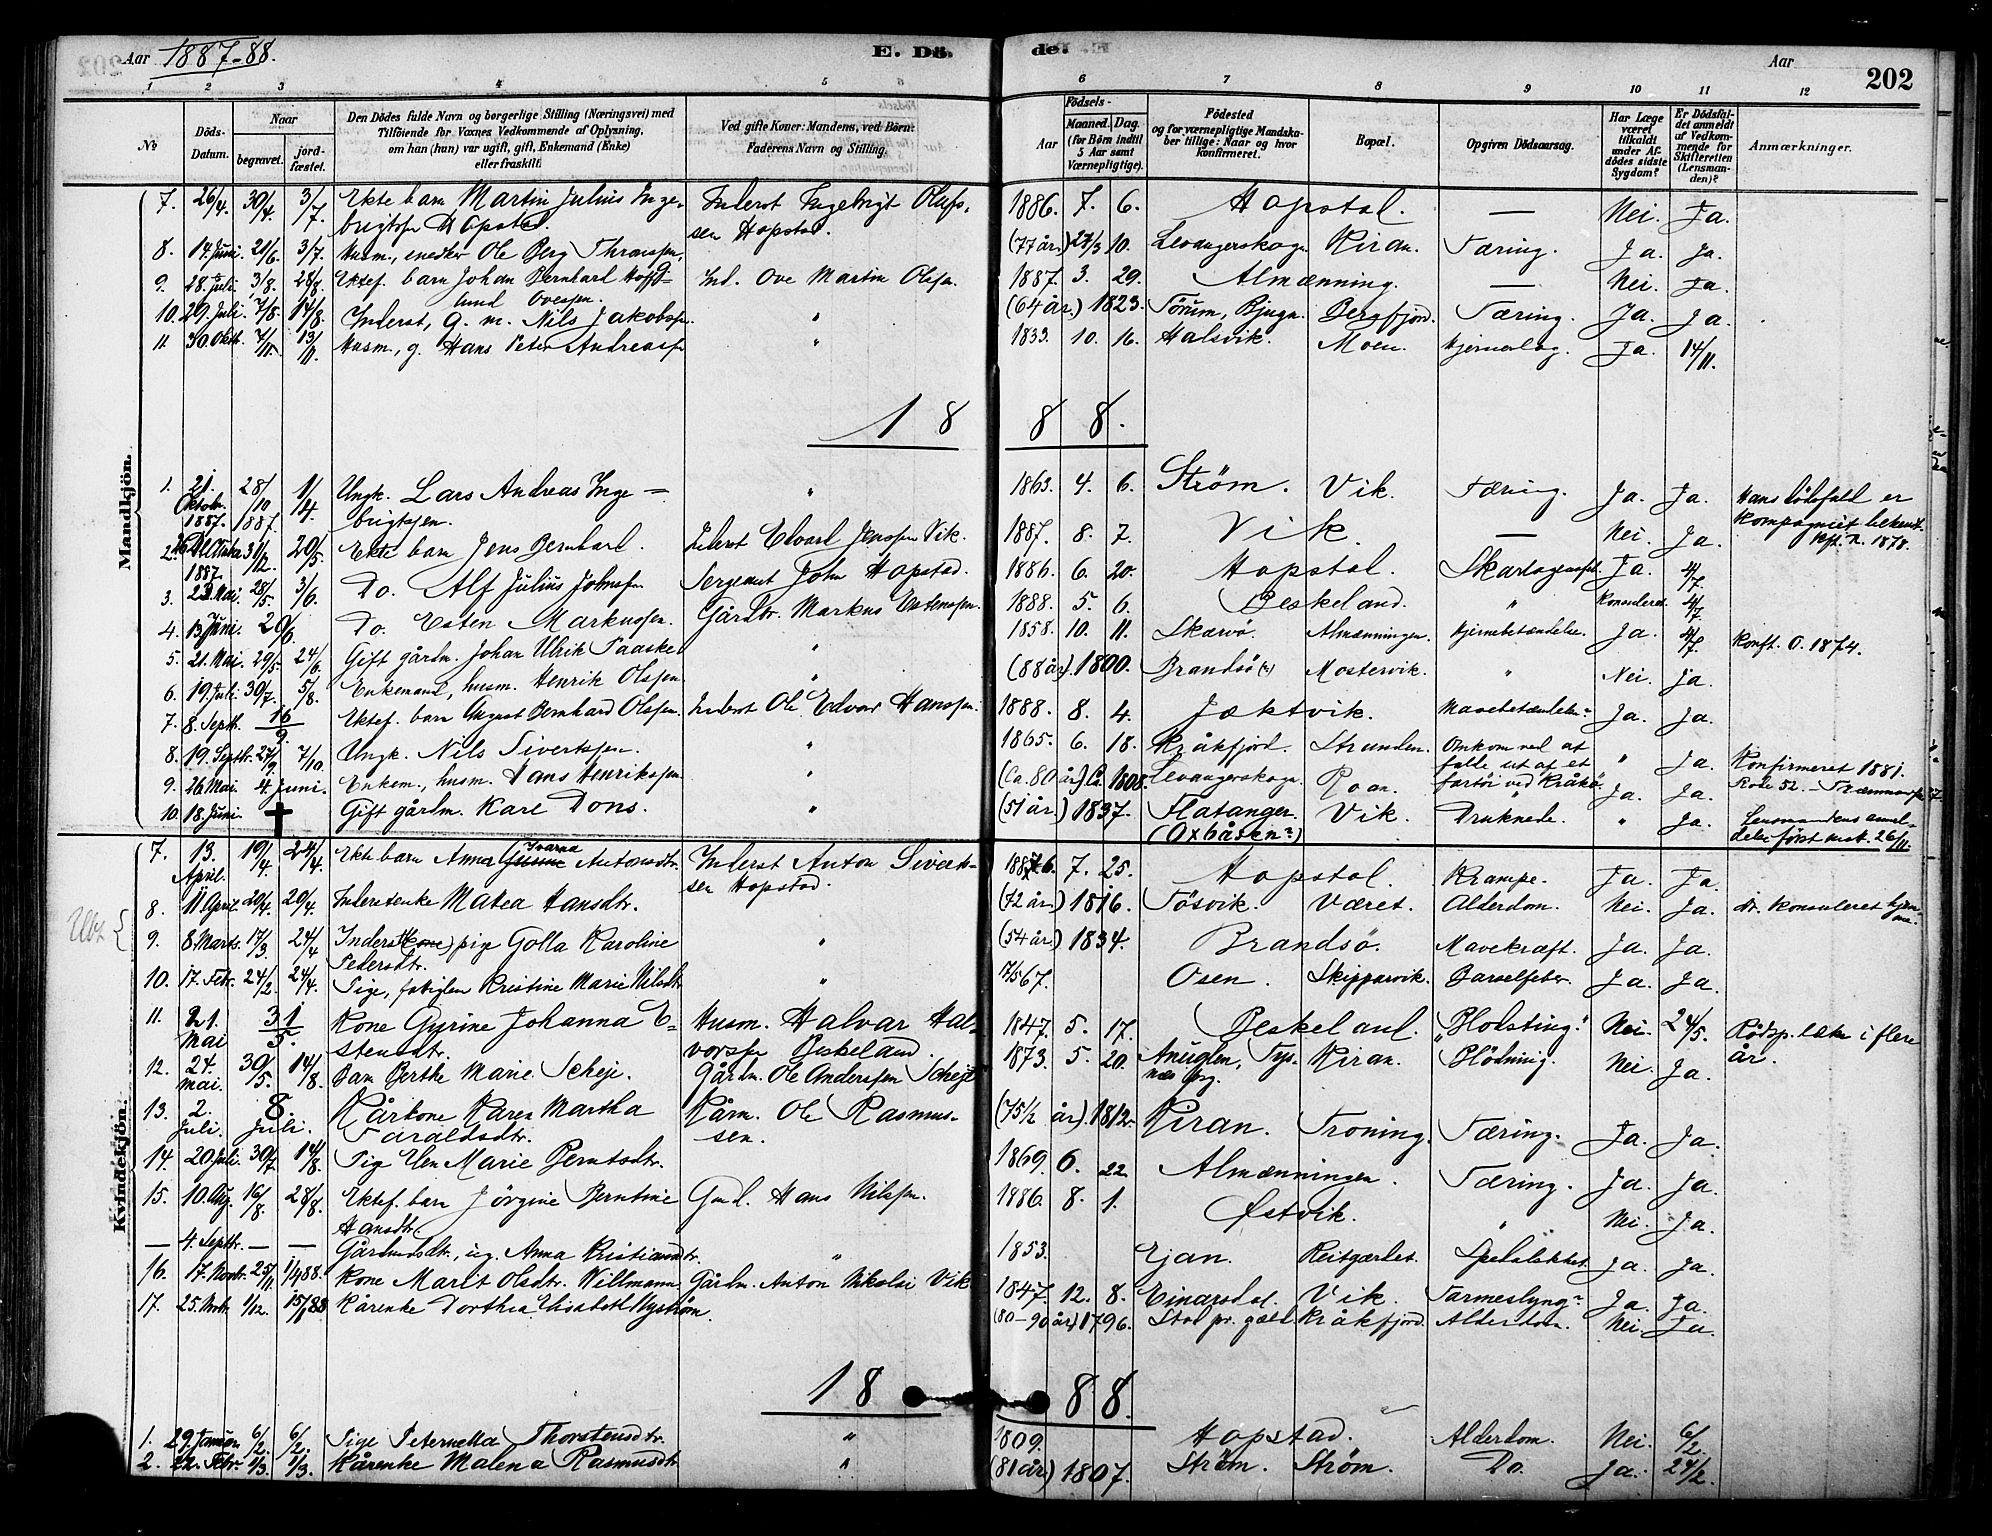 SAT, Ministerialprotokoller, klokkerbøker og fødselsregistre - Sør-Trøndelag, 657/L0707: Ministerialbok nr. 657A08, 1879-1893, s. 202